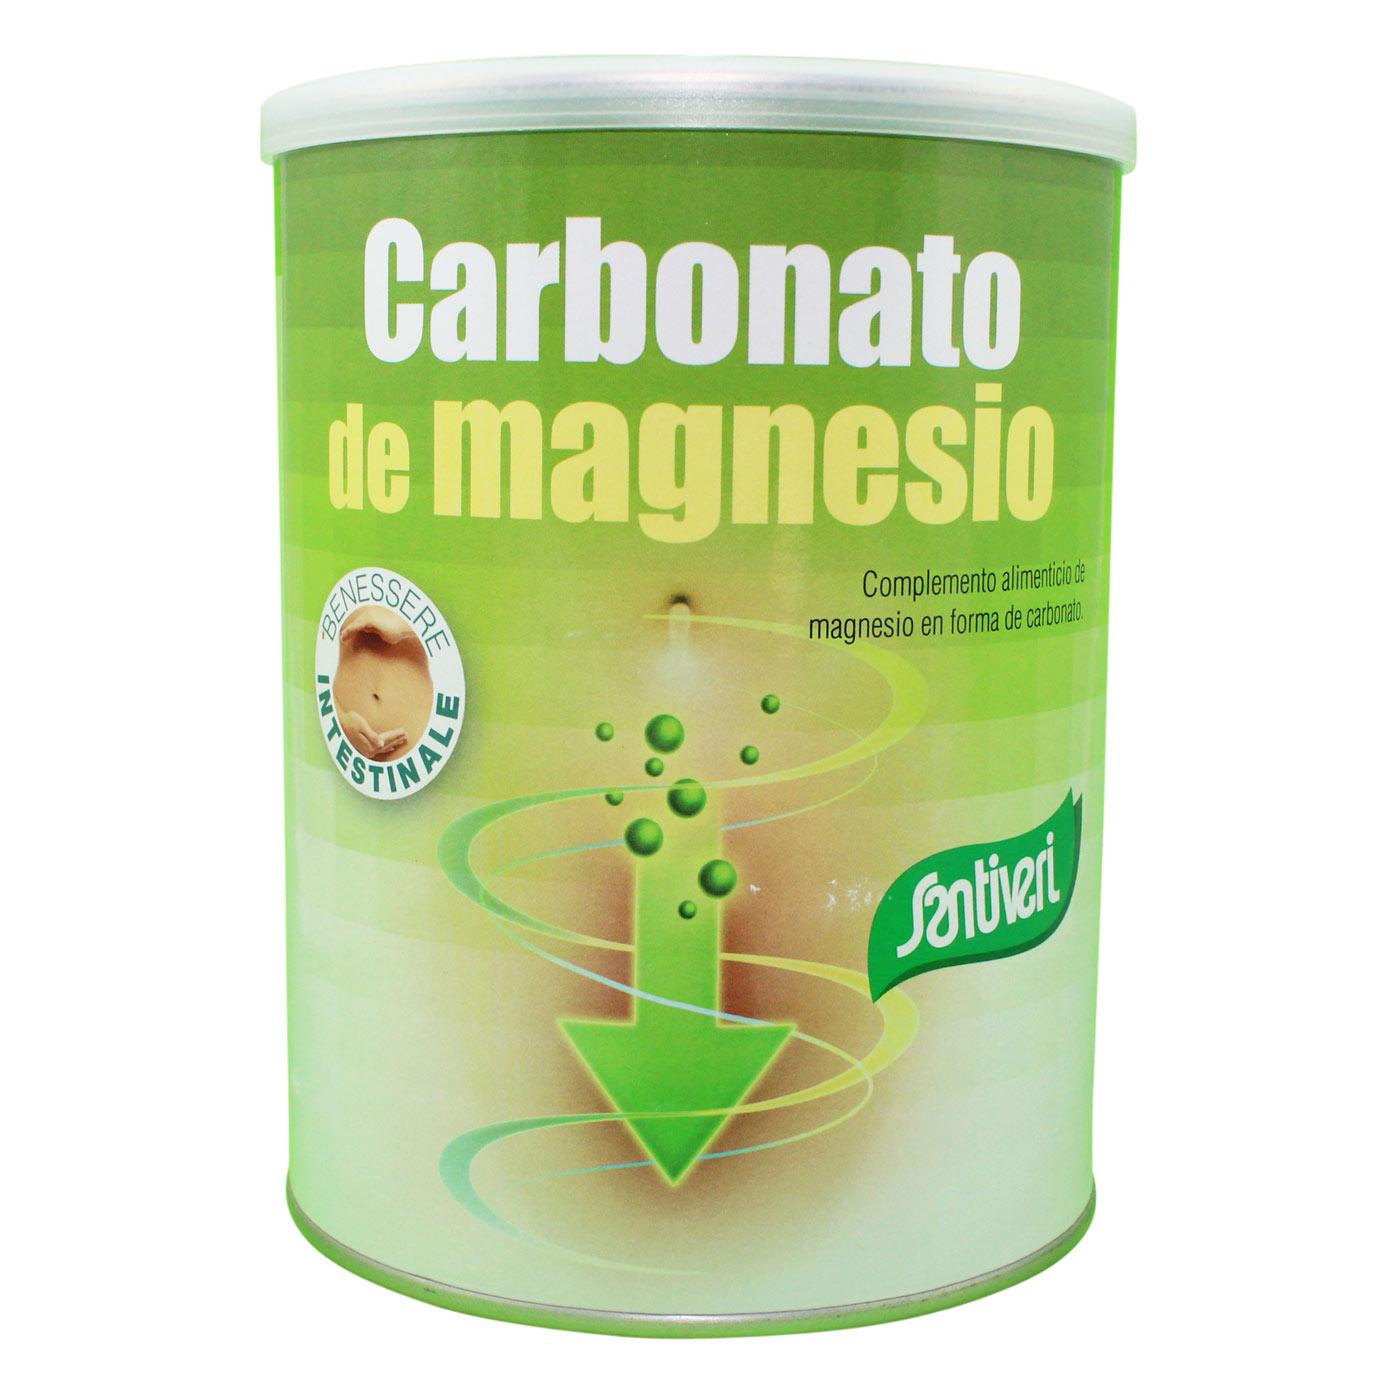 CARBONATO DI MAGNESIO 110 GRAMMI